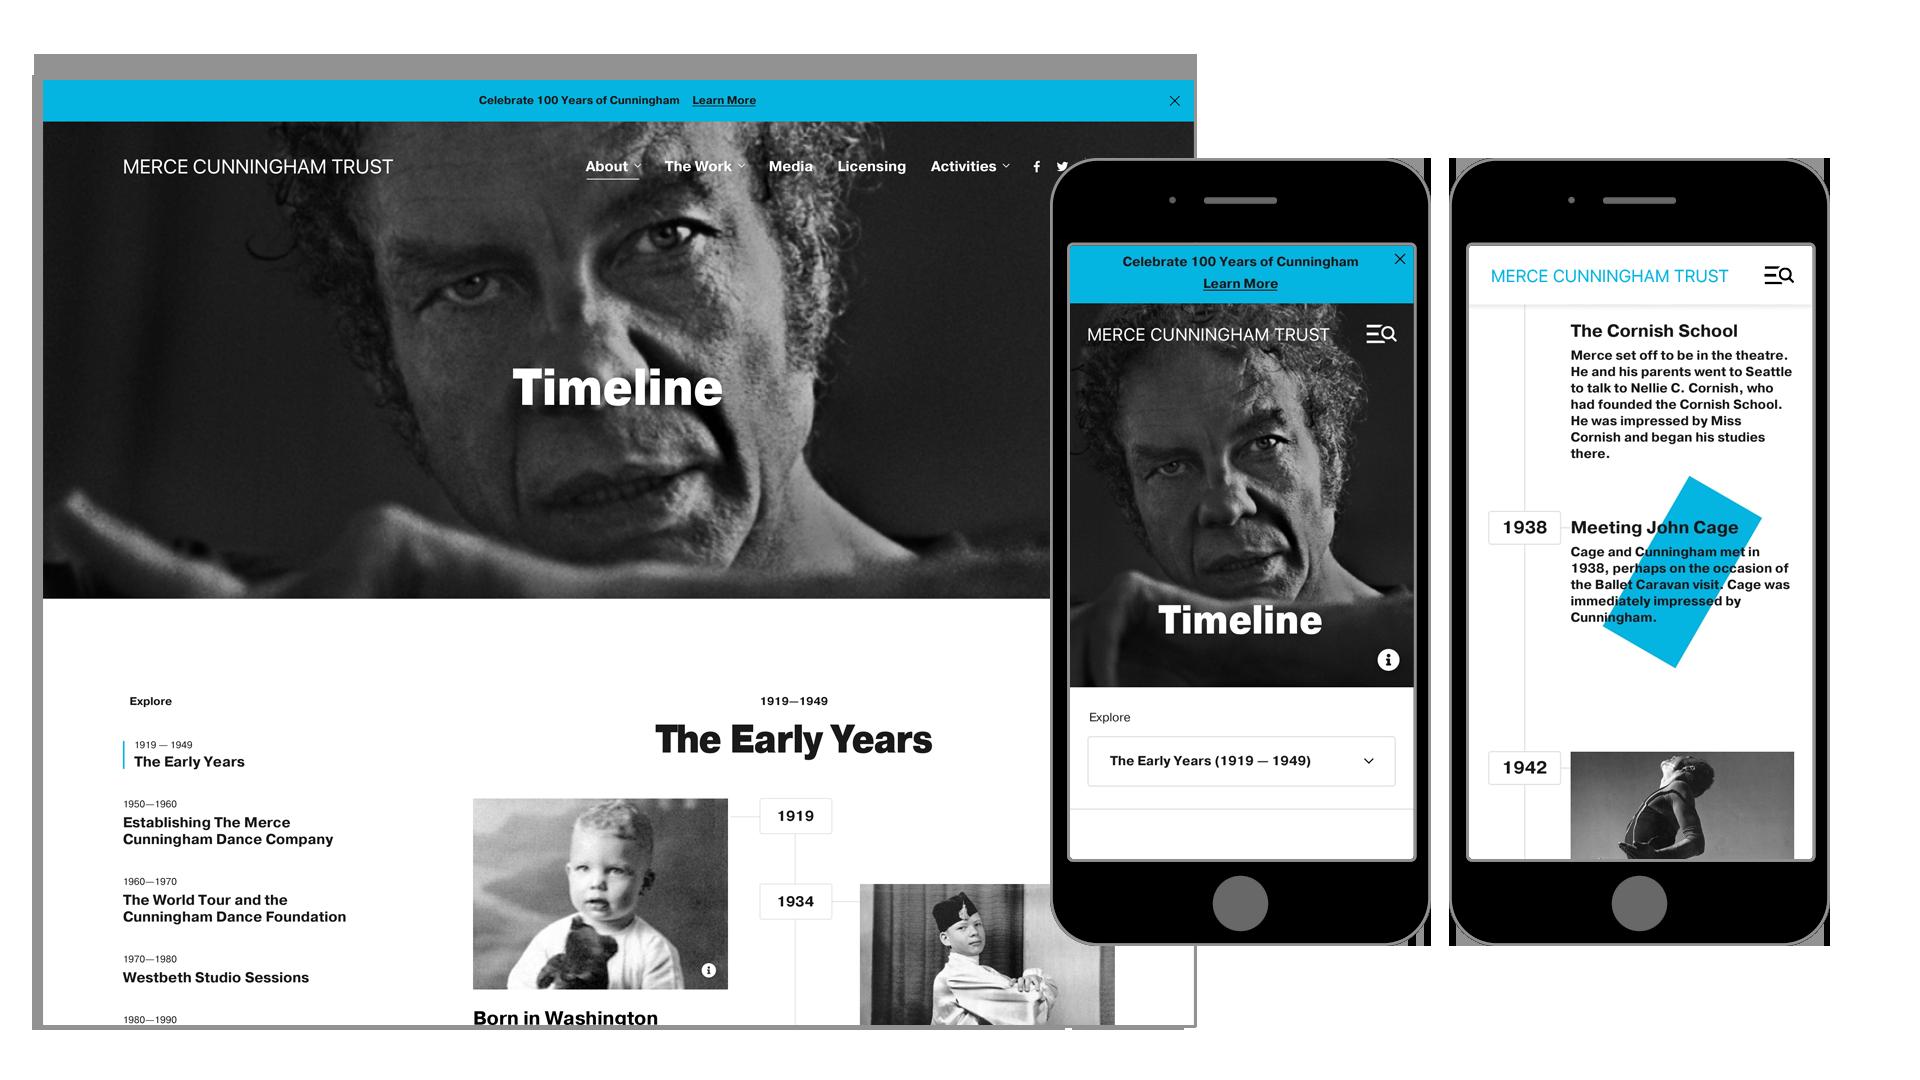 Merce Cunningham Trust Timeline Design for Desktop and Mobile